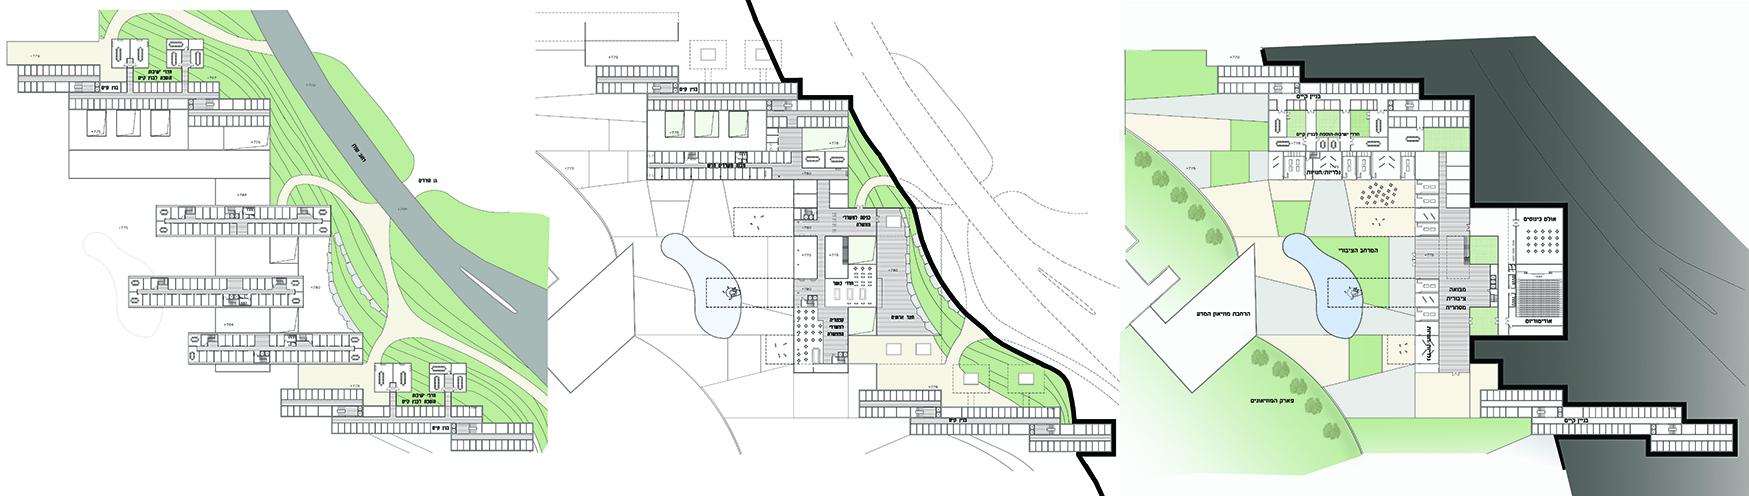 תכניות מבנים, קרית הממשלה ירושלים